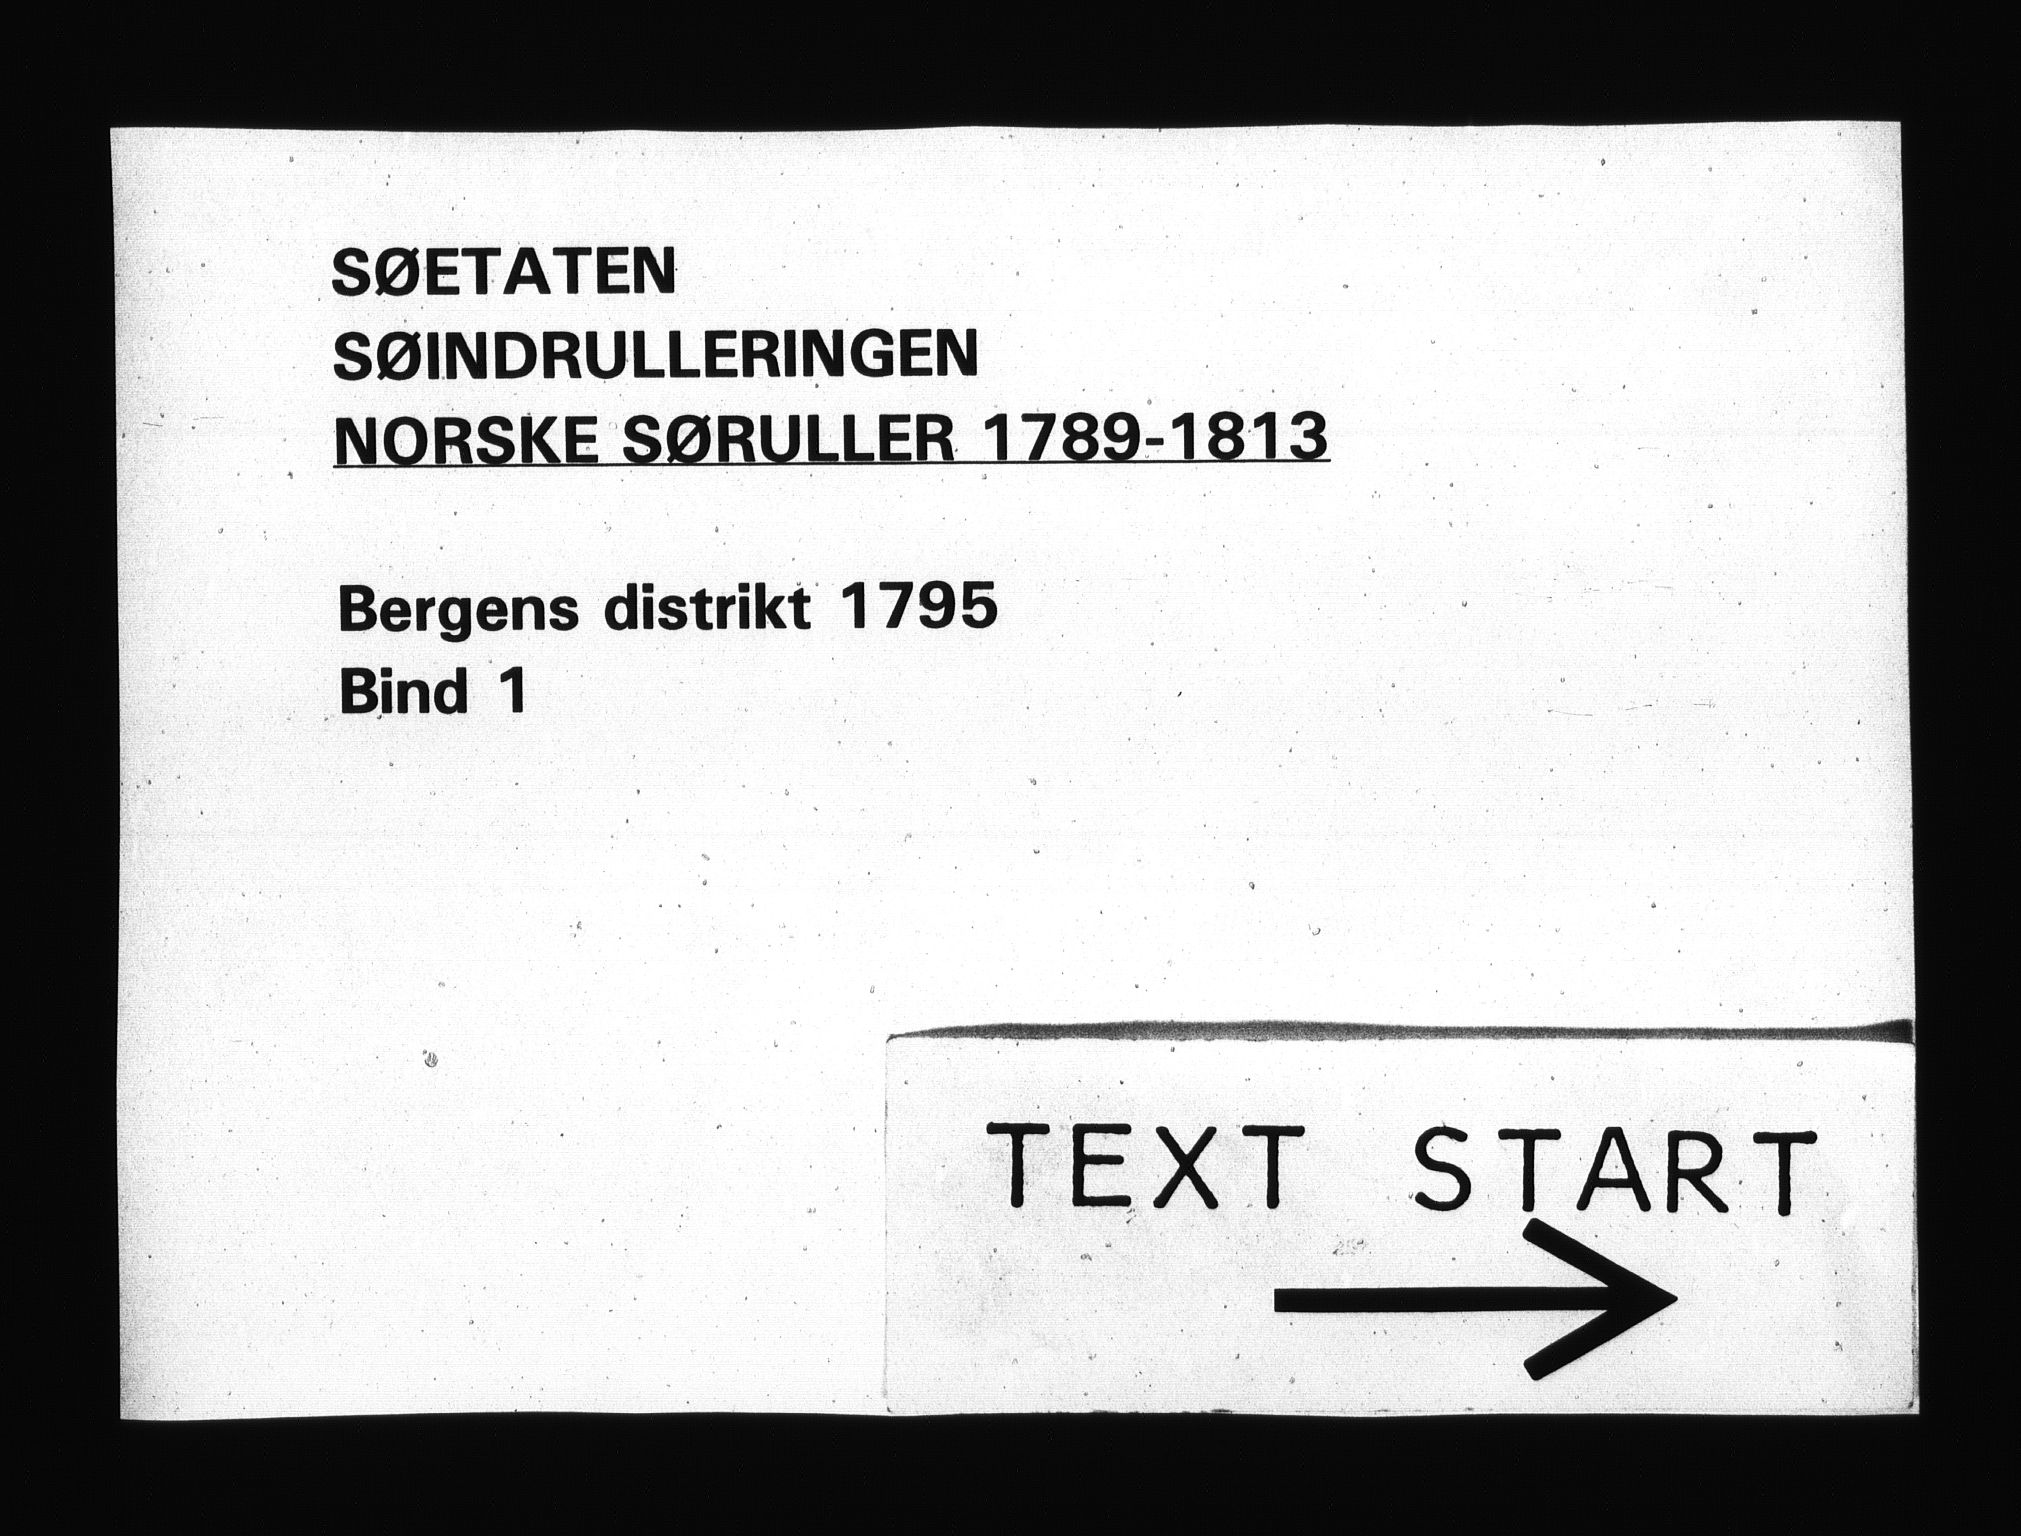 RA, Sjøetaten, F/L0221: Bergen distrikt, bind 1, 1795